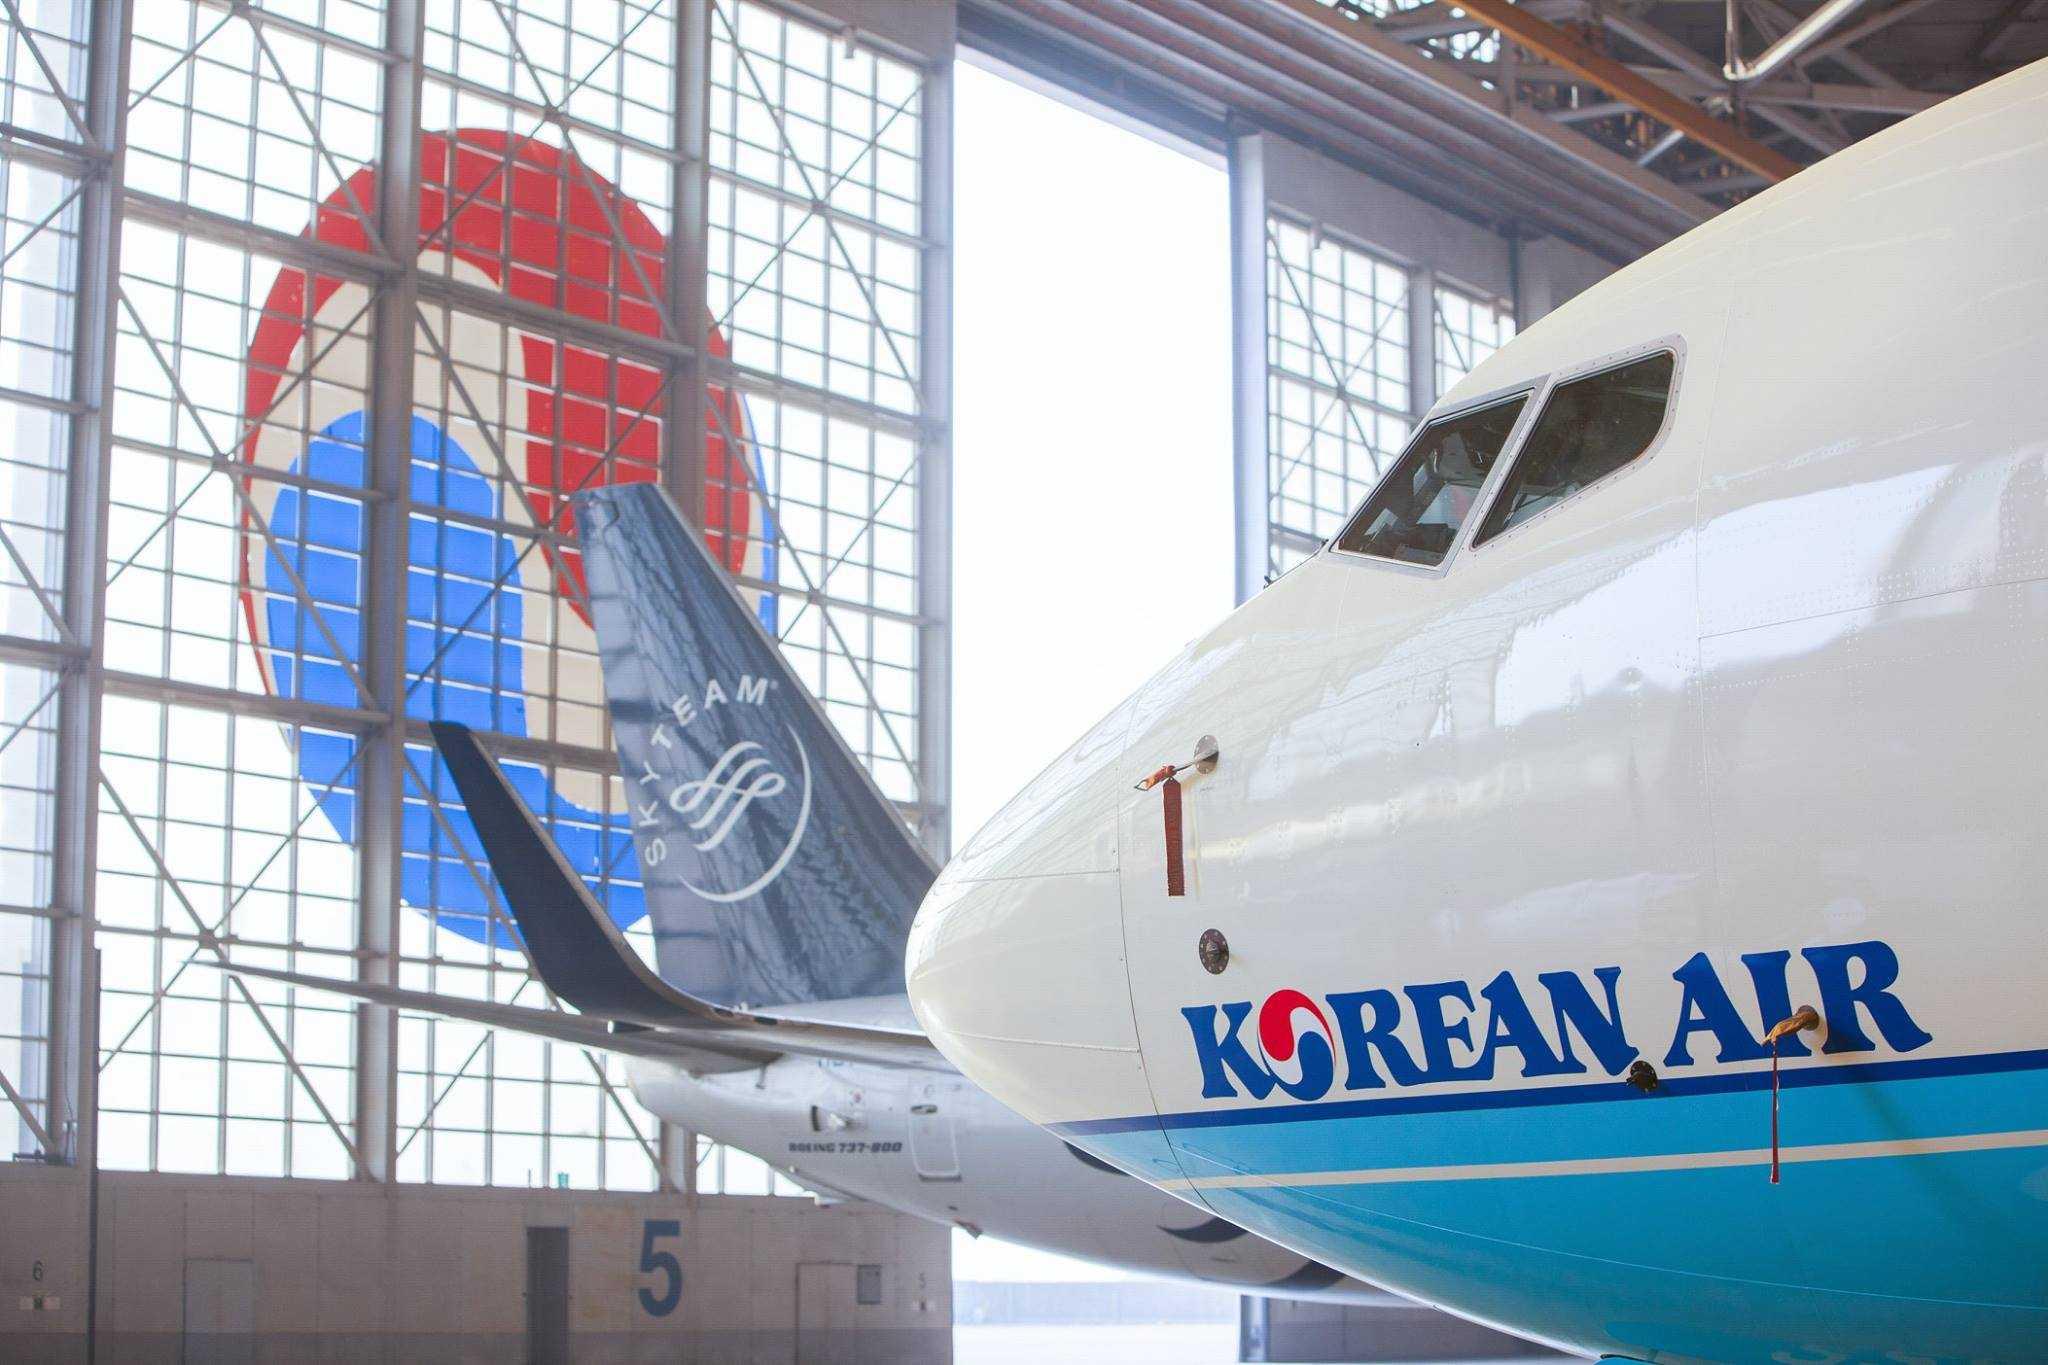 4月13日有一個請願為「禁止個人企業大韓航空使用